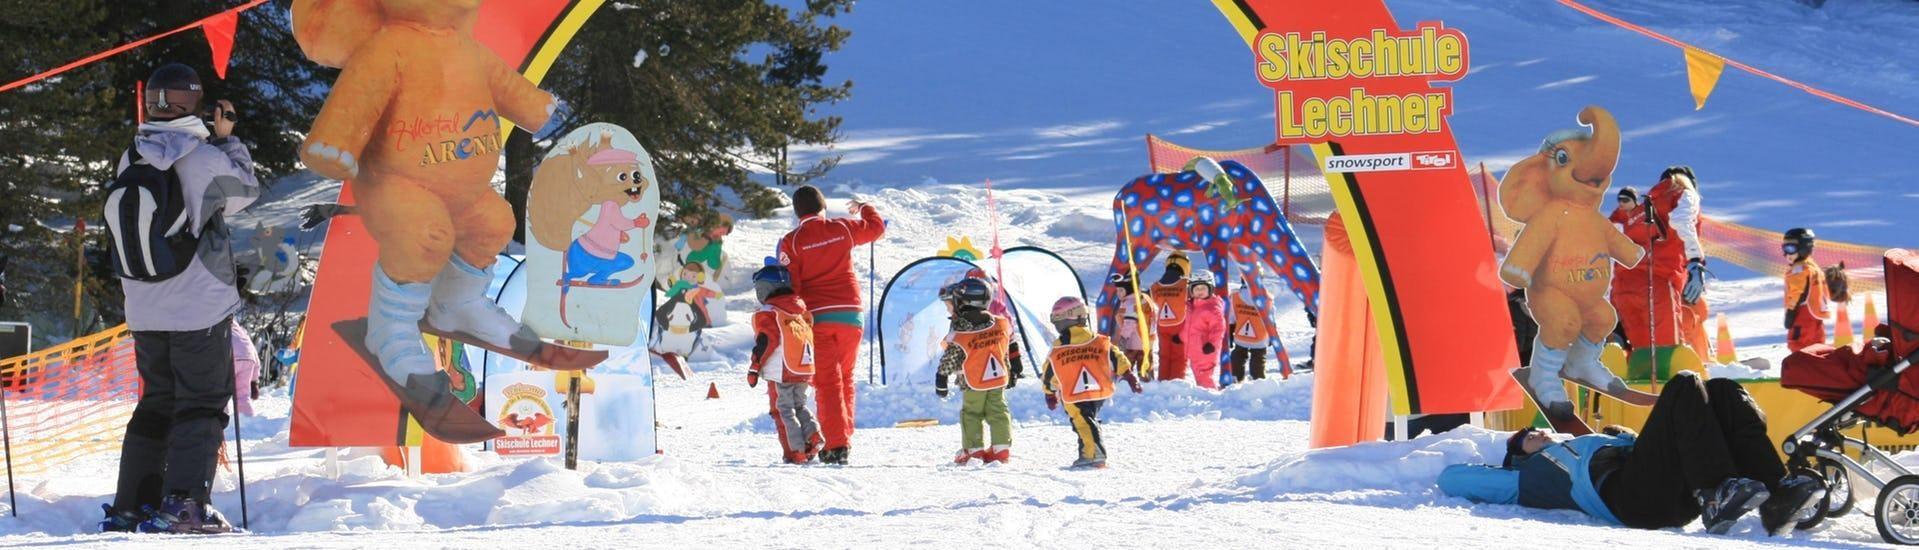 Eine Gruppe Kinder vergnügt sich beim Kinder Skikurs mit der Skischule Lechner in Zell am Ziller im Kinderland.